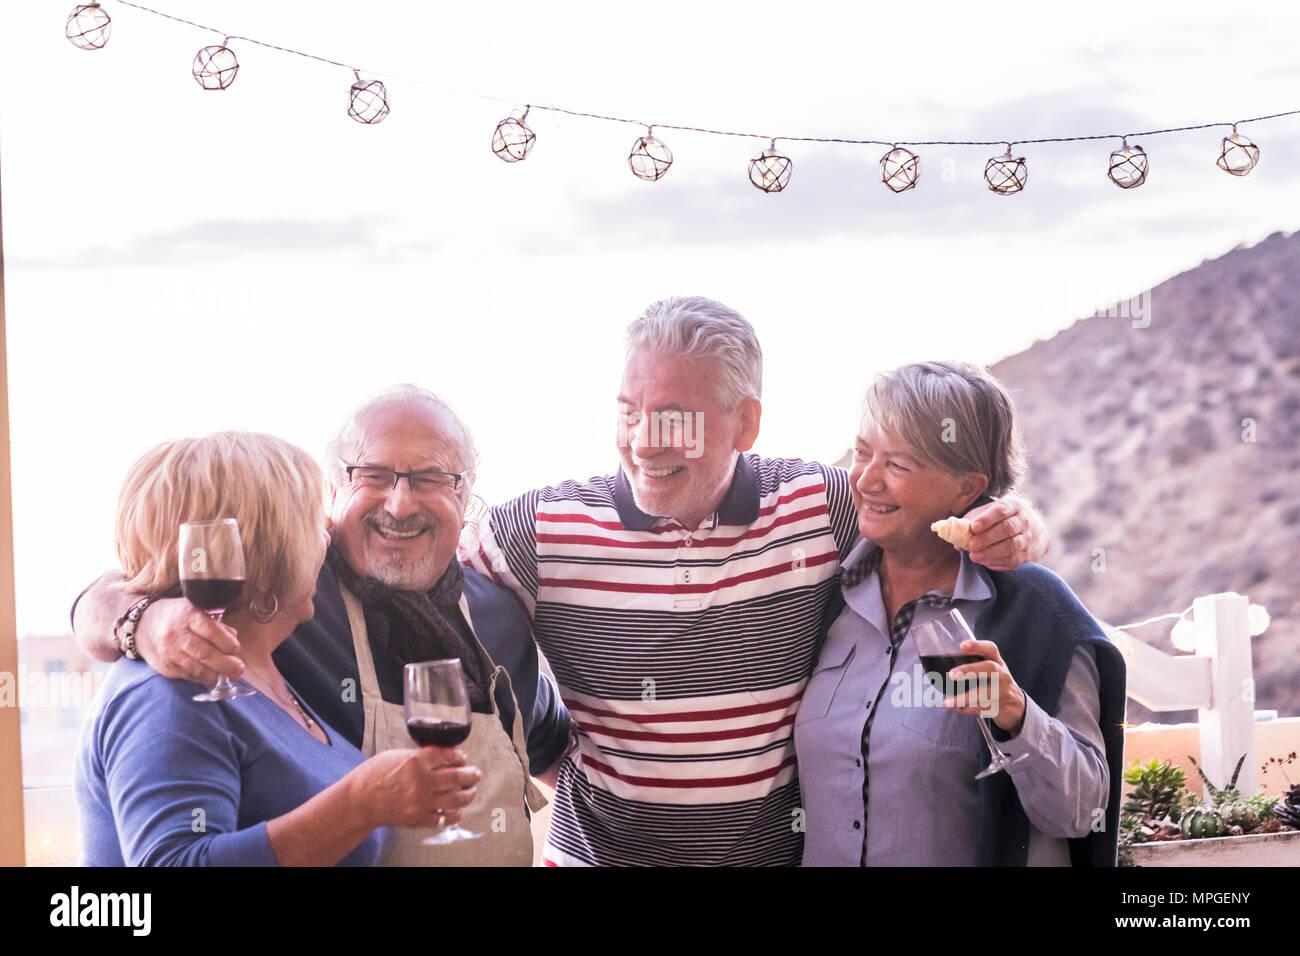 Grupo de 4 personas mayores, dos parejas, estancia togheter y divertirse disfrutando de una copa de vino al aire libre en la azotea. vacaciones ancianos concepto y amistad. sun Imagen De Stock